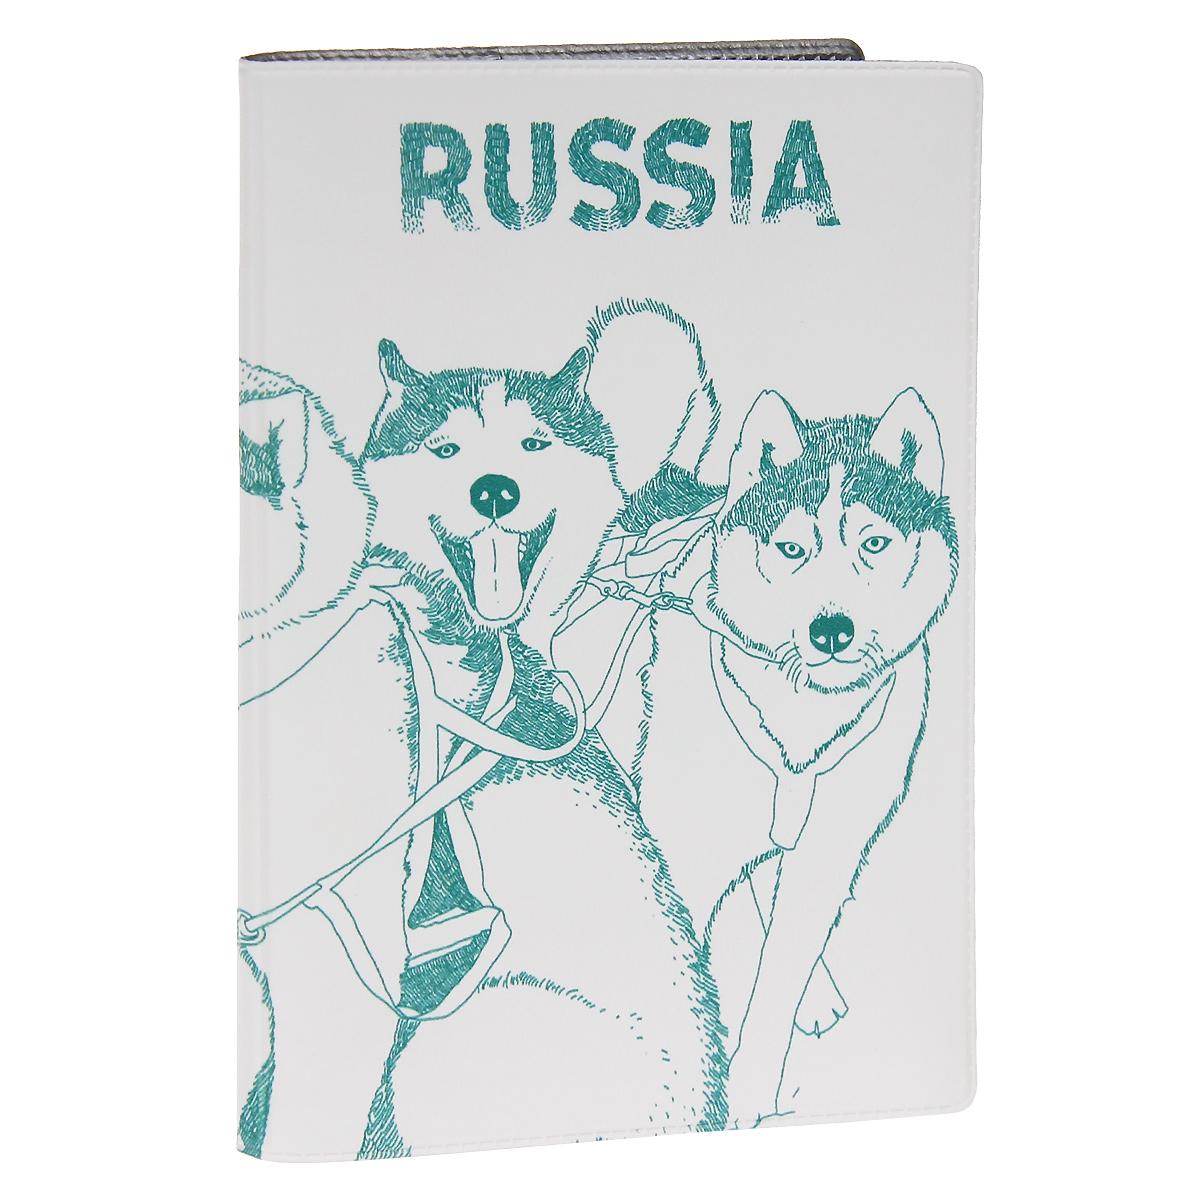 Обложка для паспорта Сибирские хаски. OZAM296ПВХ (поливинилхлорид)Обложка для паспорта Mitya Veselkov Хаски выполнена из прочного ПВХ и оформлена изображением нескольких собак породы хаски. Такая обложка не только поможет сохранить внешний вид ваших документов и защитит их от повреждений, но и станет стильным аксессуаром, идеально подходящим вашему образу.Яркая и оригинальная обложка подчеркнет вашу индивидуальность и изысканный вкус. Обложка для паспорта стильного дизайна может быть достойным и оригинальным подарком.